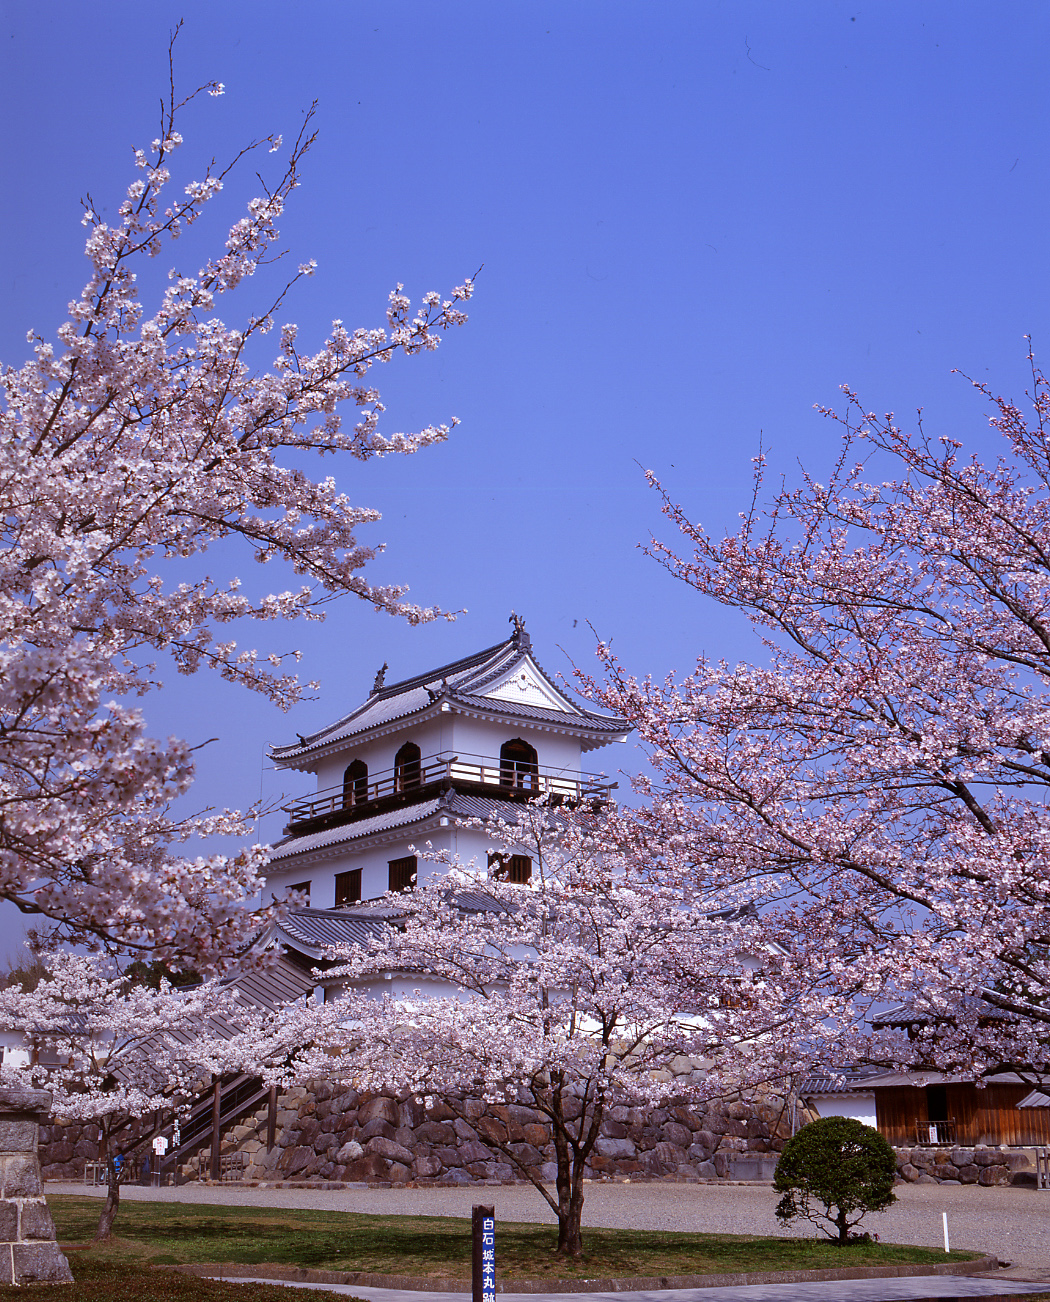 白石城を観光しよう!アクセス・駐車場情報!桜もきれいでおすすめ!